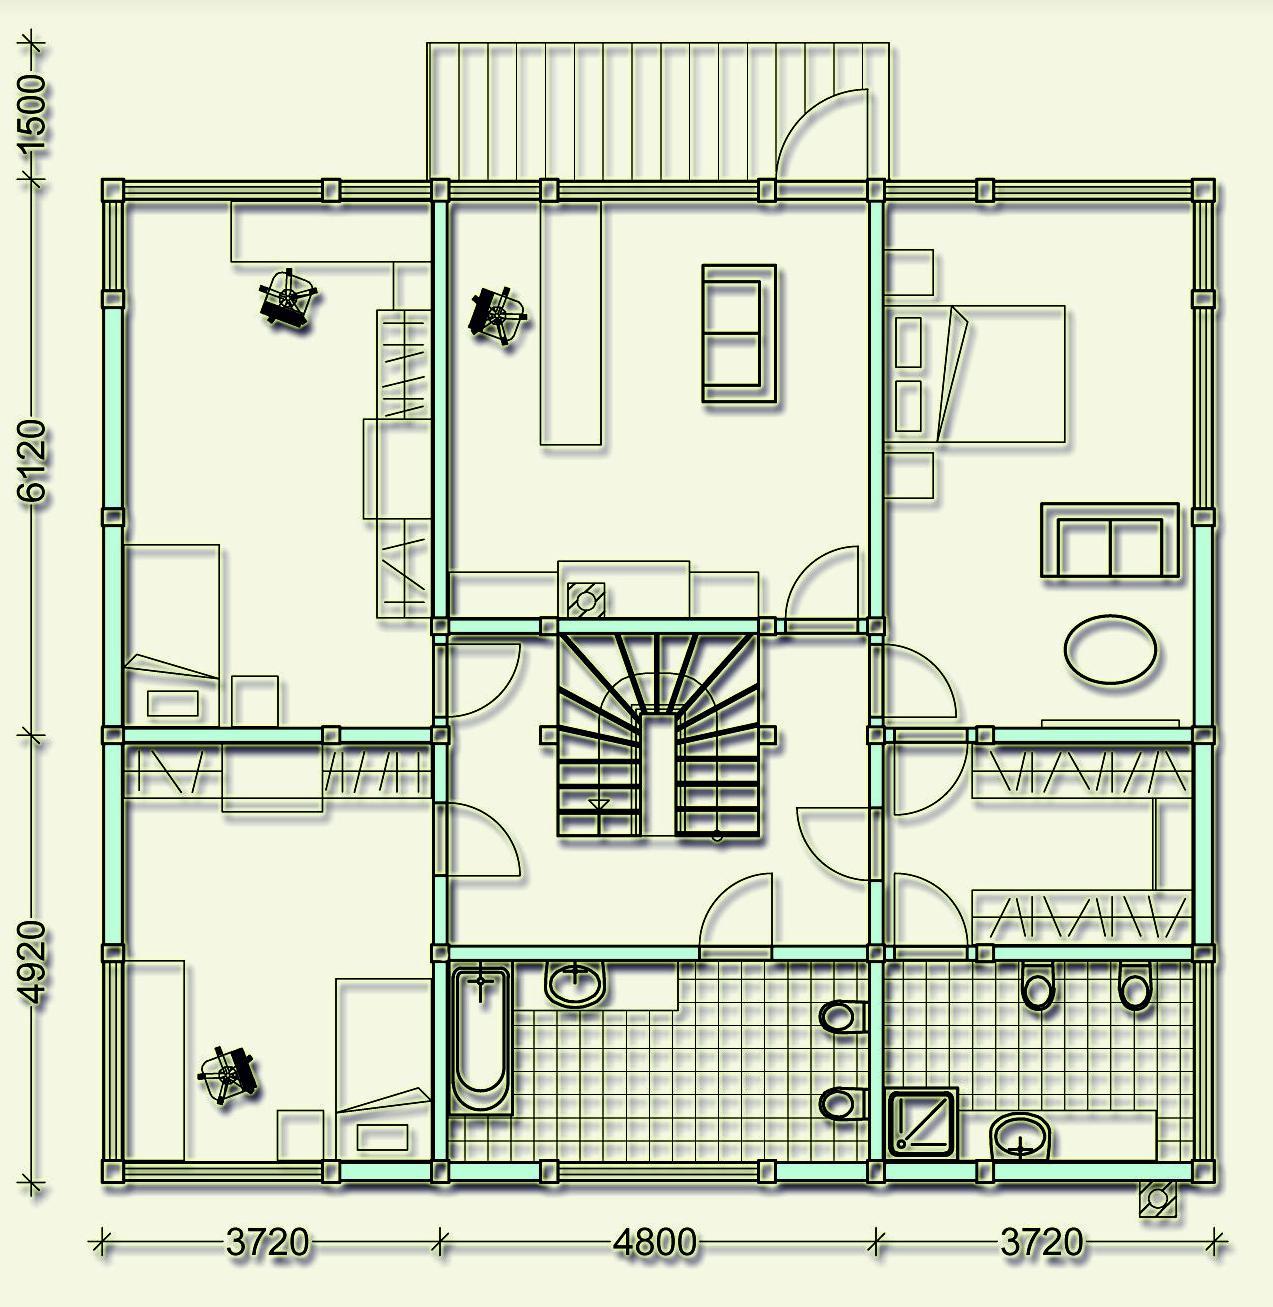 Проект фахверкового коттеджа MCF270 - план второго этажа